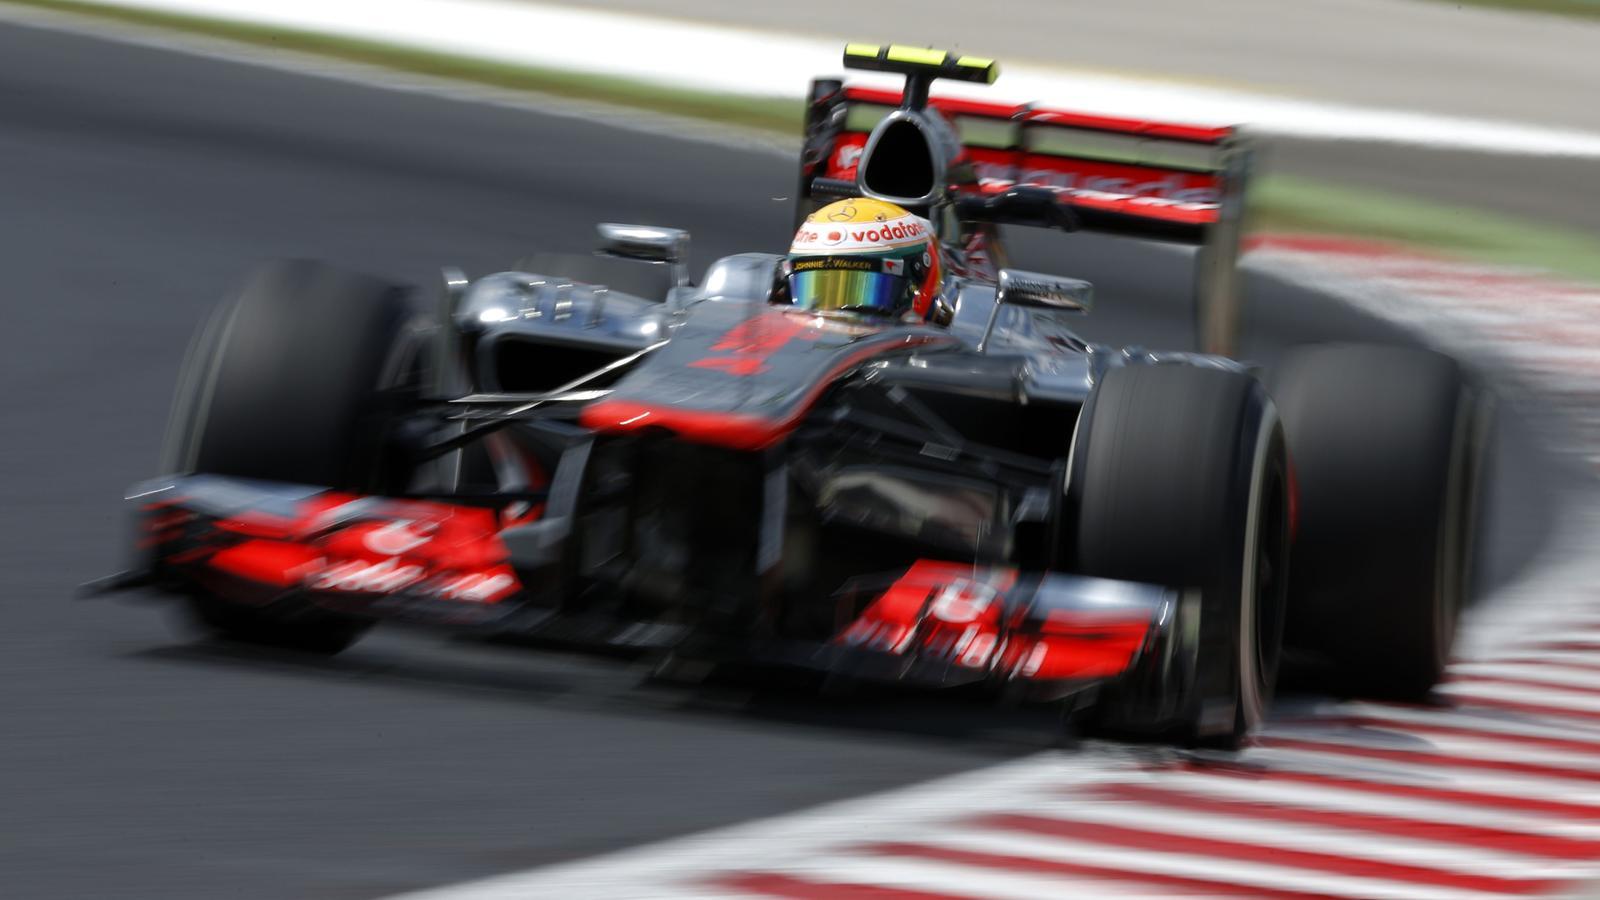 Hamilton contr le les lotu grand prix de hongrie 2012 formule 1 eurosport - Formule vitesse de coupe ...